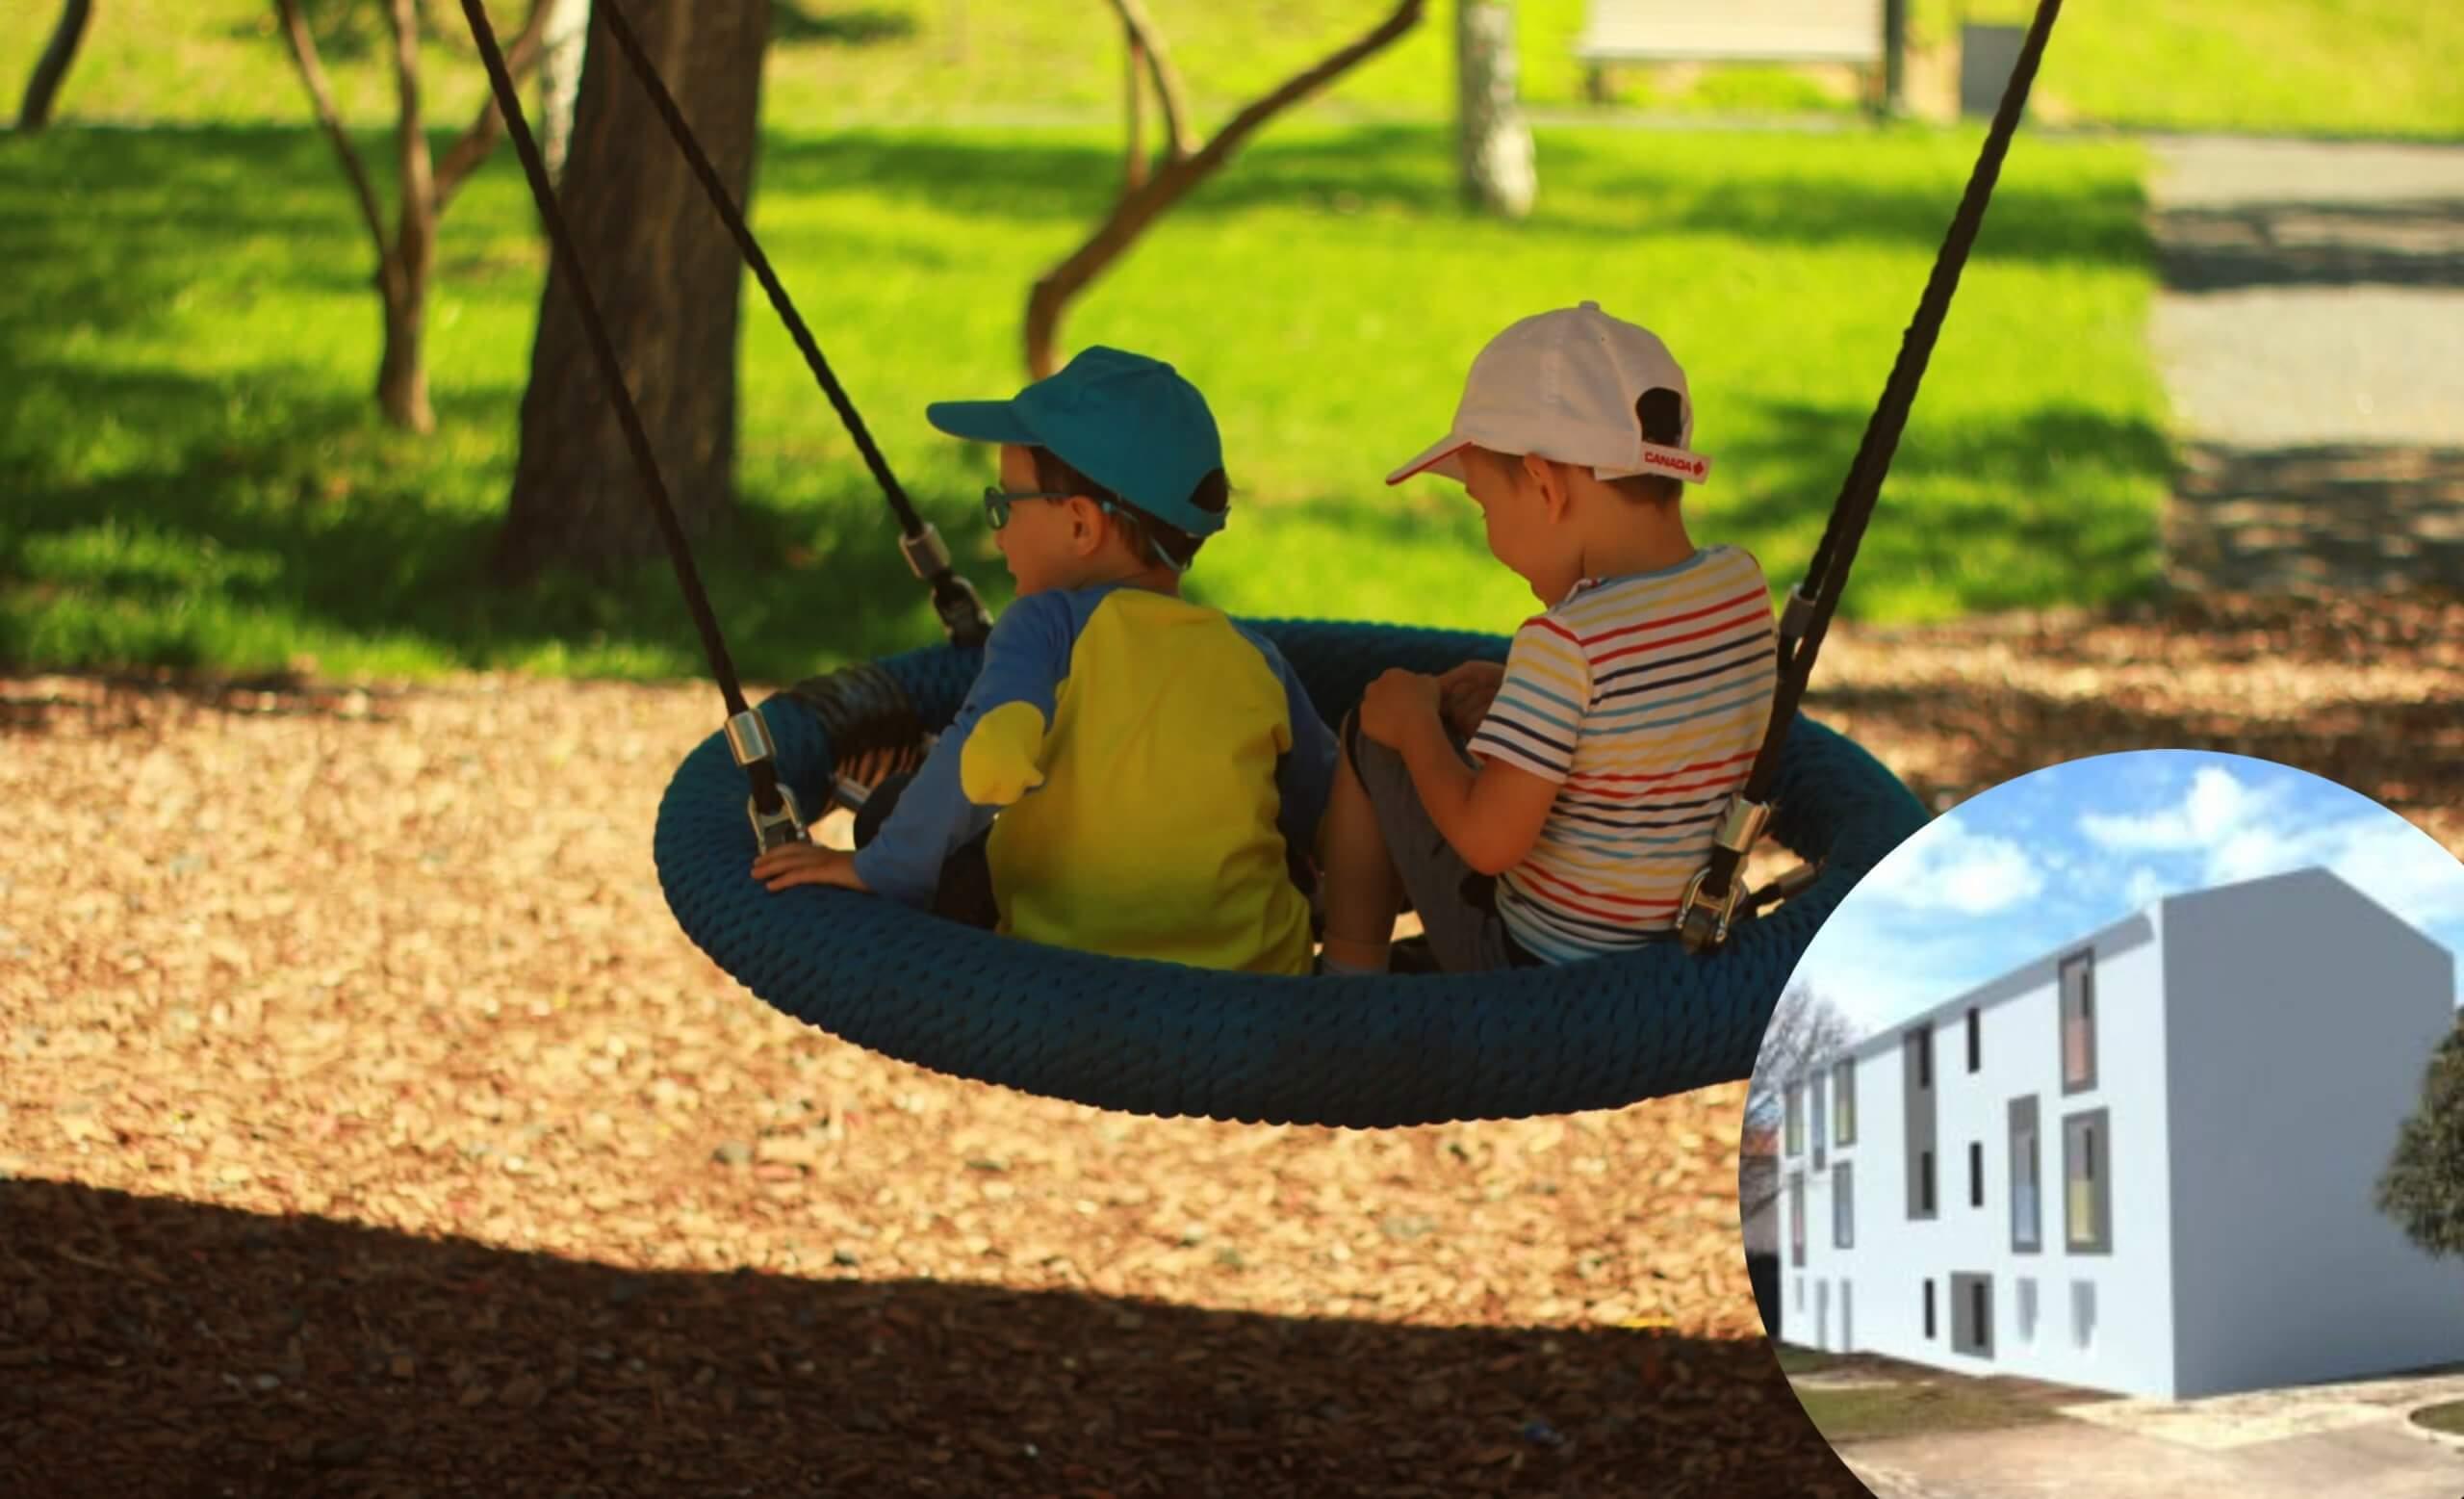 Odobreno 2,6 milijuna kuna za rekonstrukciju i nadogradnju odmarališta za više od 30 djece